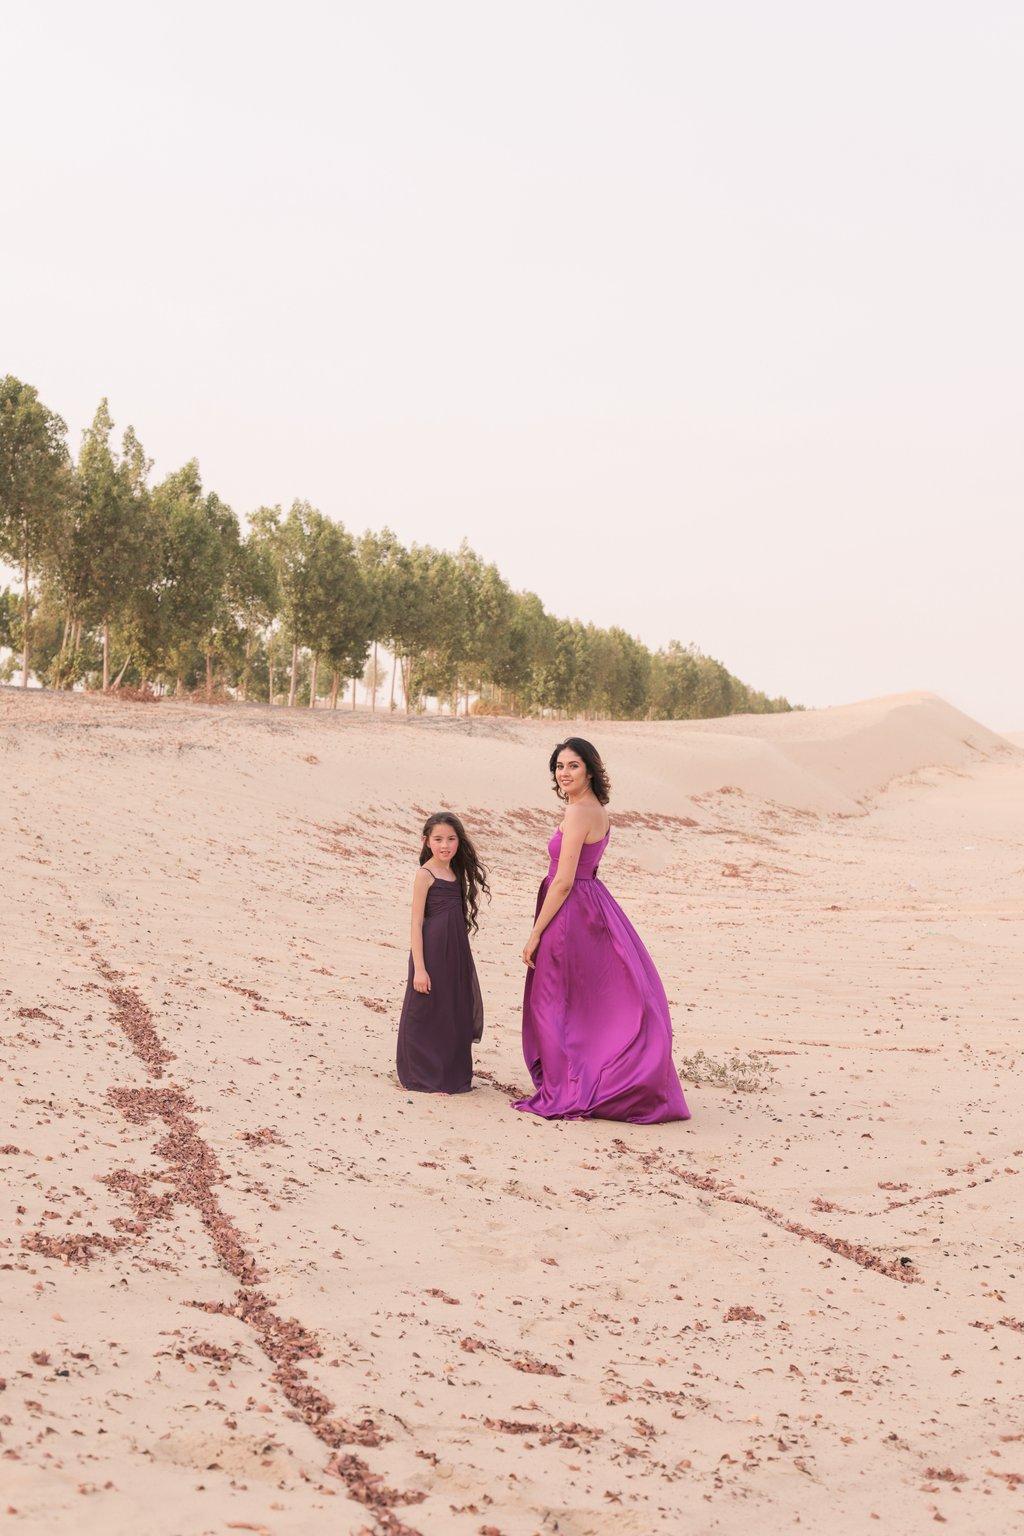 Gabriela's Portfolio - Image 3